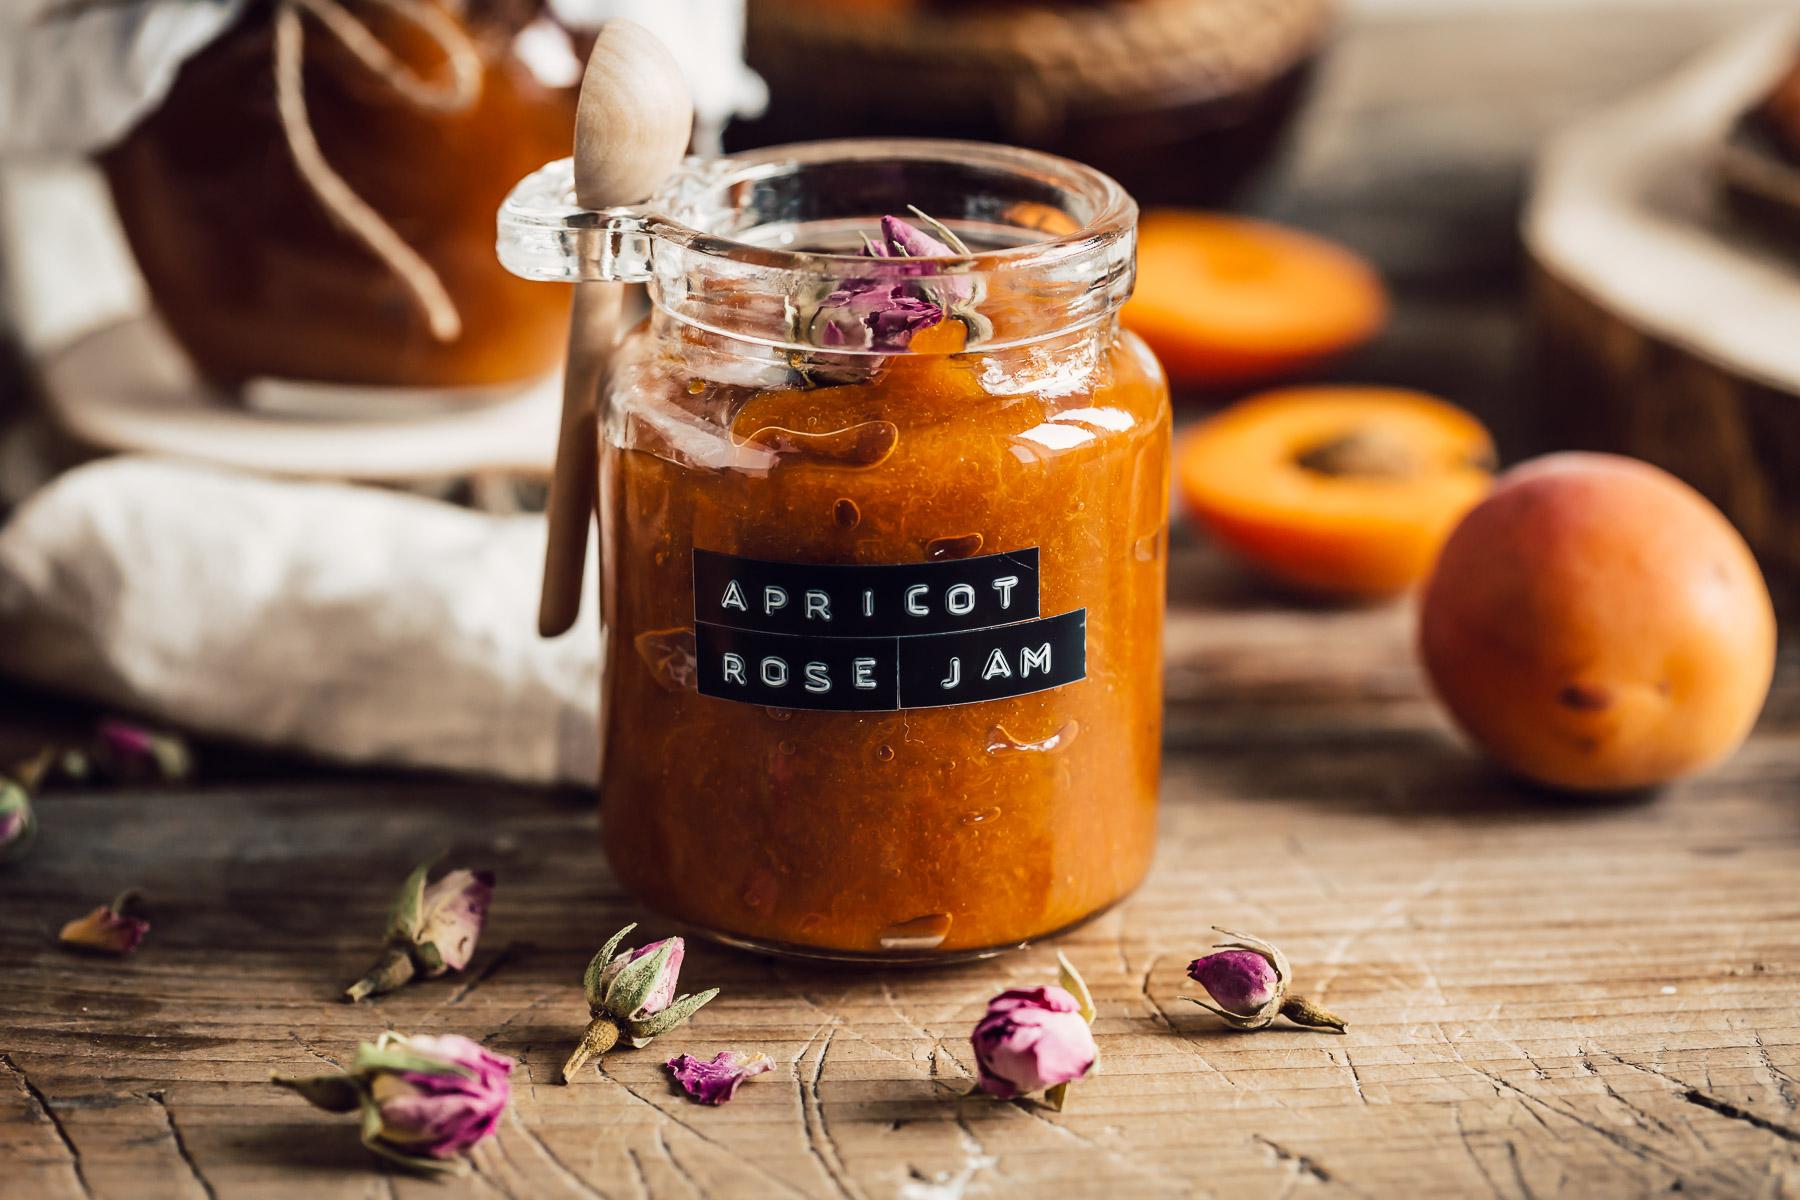 refined sugar free APRICOT JAM recipe with maple syrup and Damascena Rose #vegan ricetta marmellata CONFETTURA di ALBICOCCHE e sciroppo d acero alle rose di Damasco senza zucchero